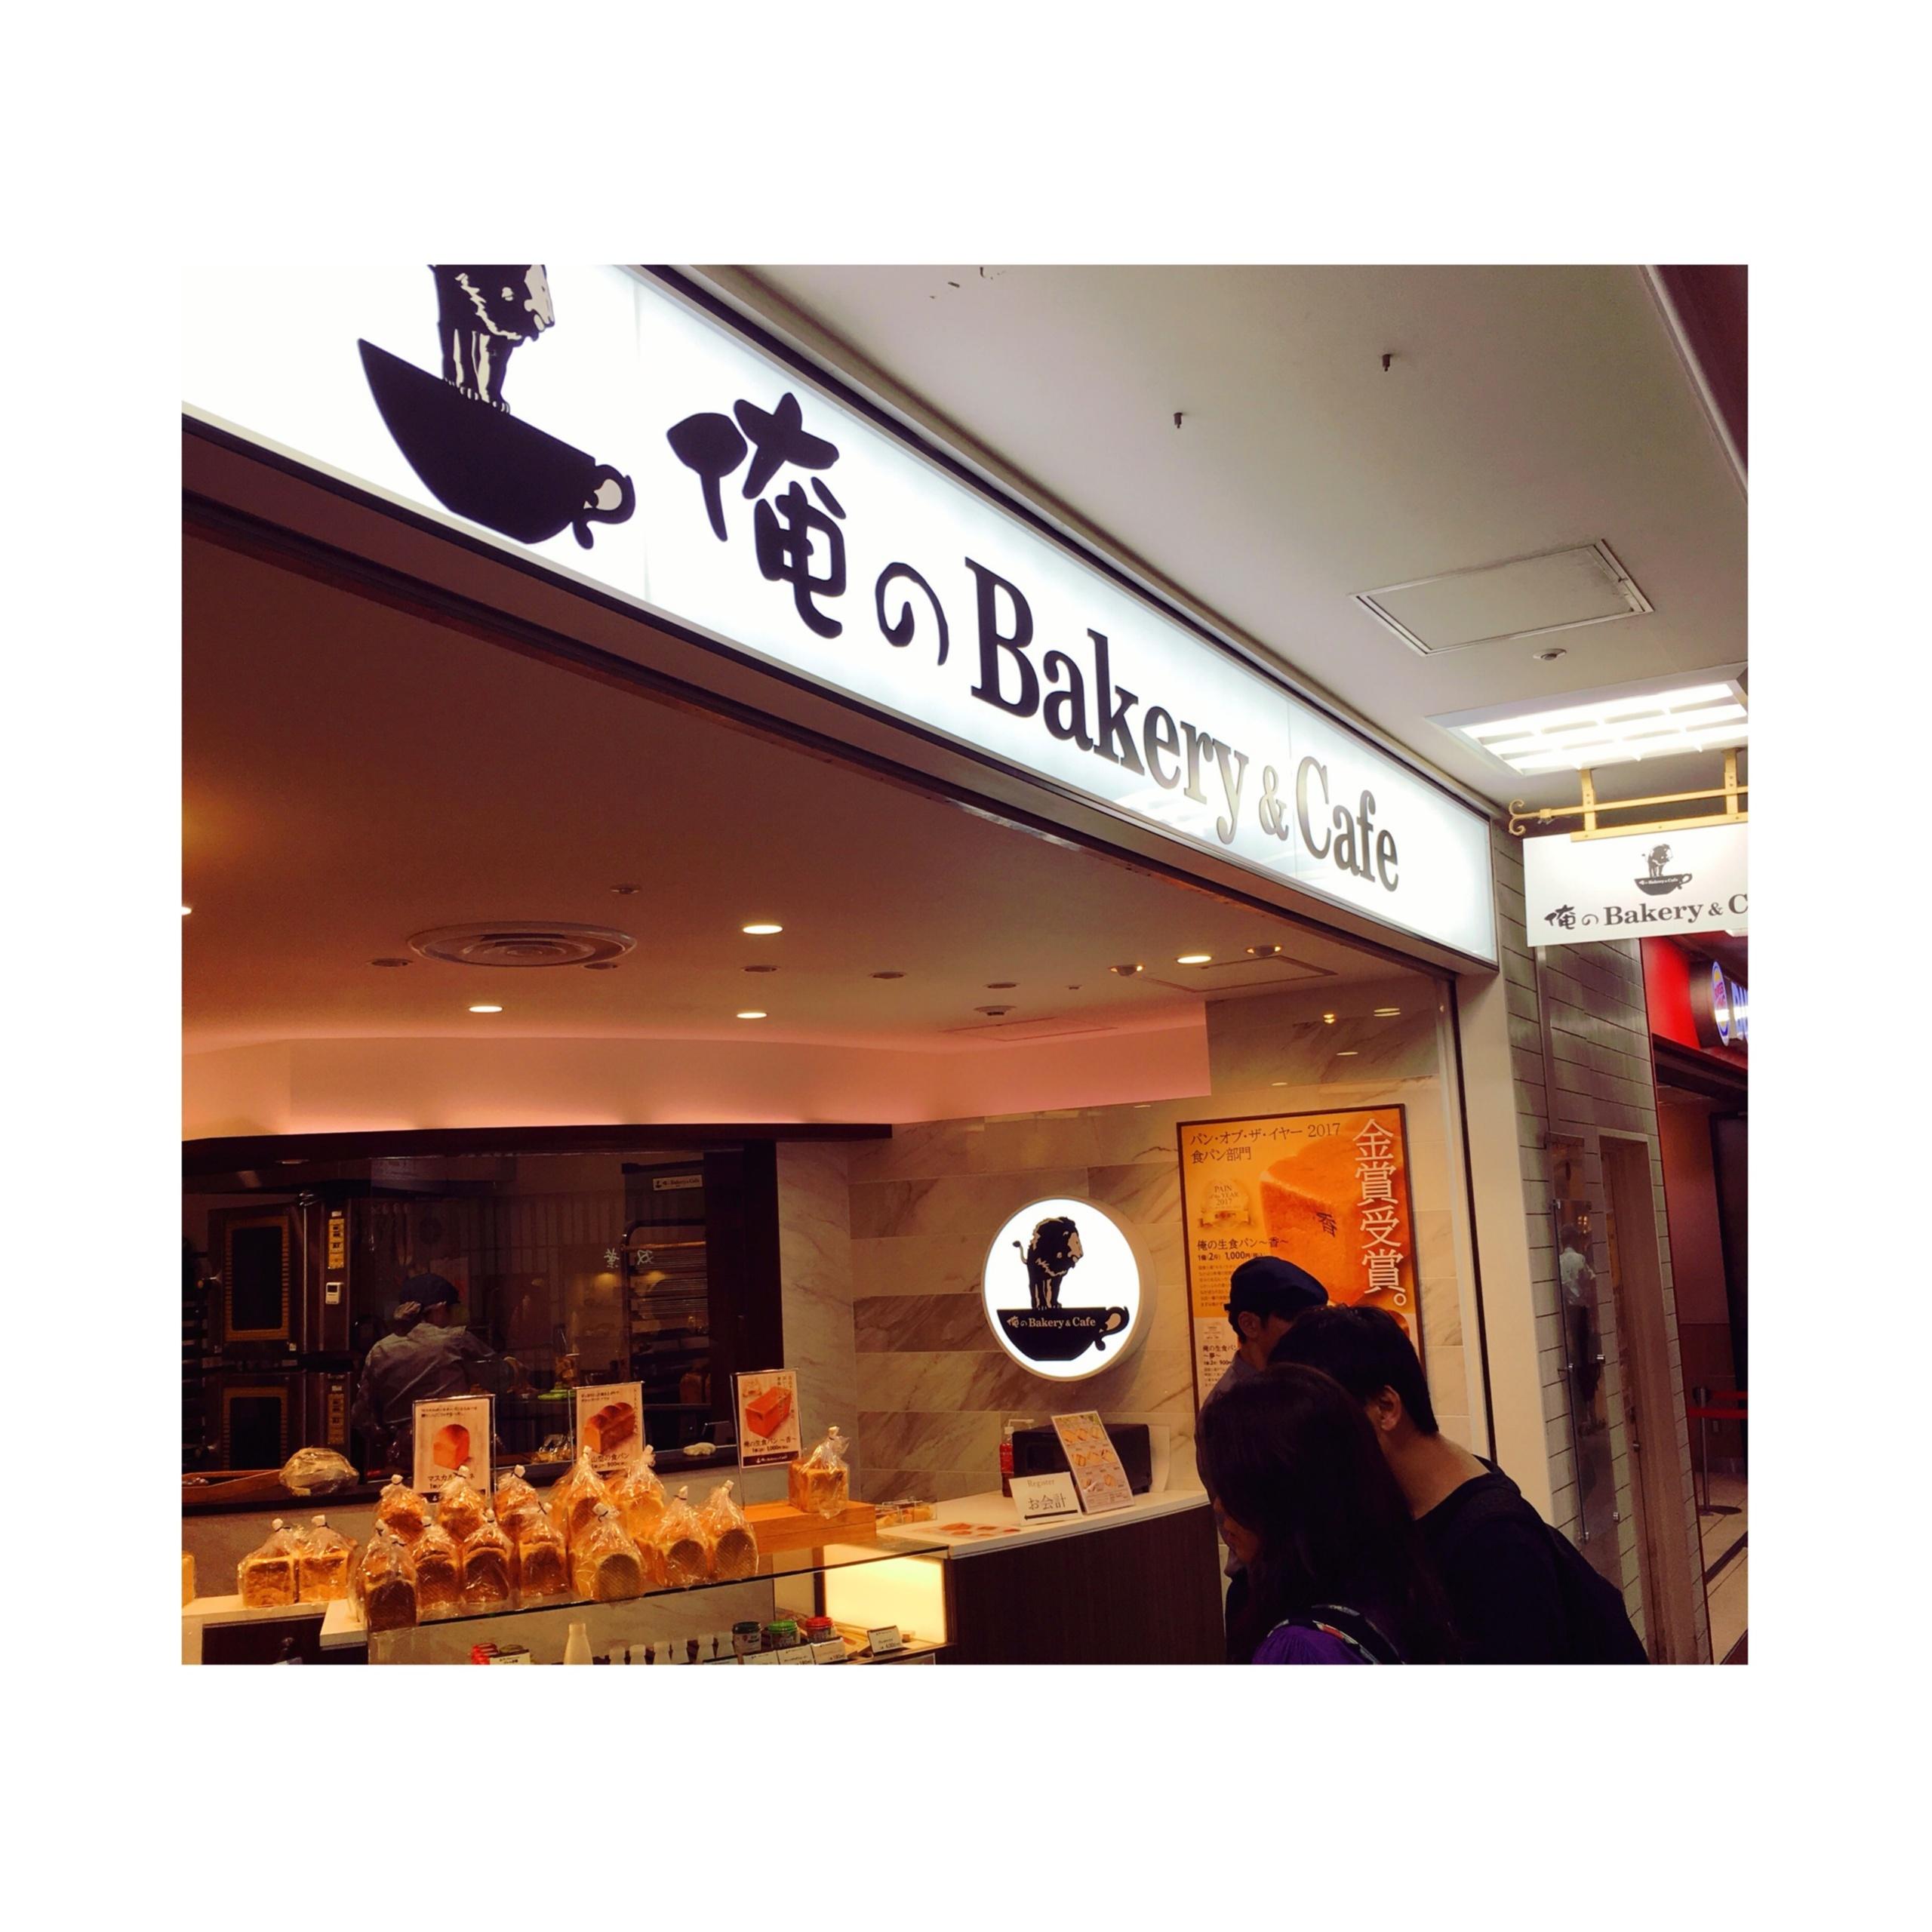 《ご当地MORE★東京》焼き上がりは1日4回!あのECHIREバターを使った【俺のBakery&Cafe】プレミアムクロワッサンがおいしすぎる❤️_1